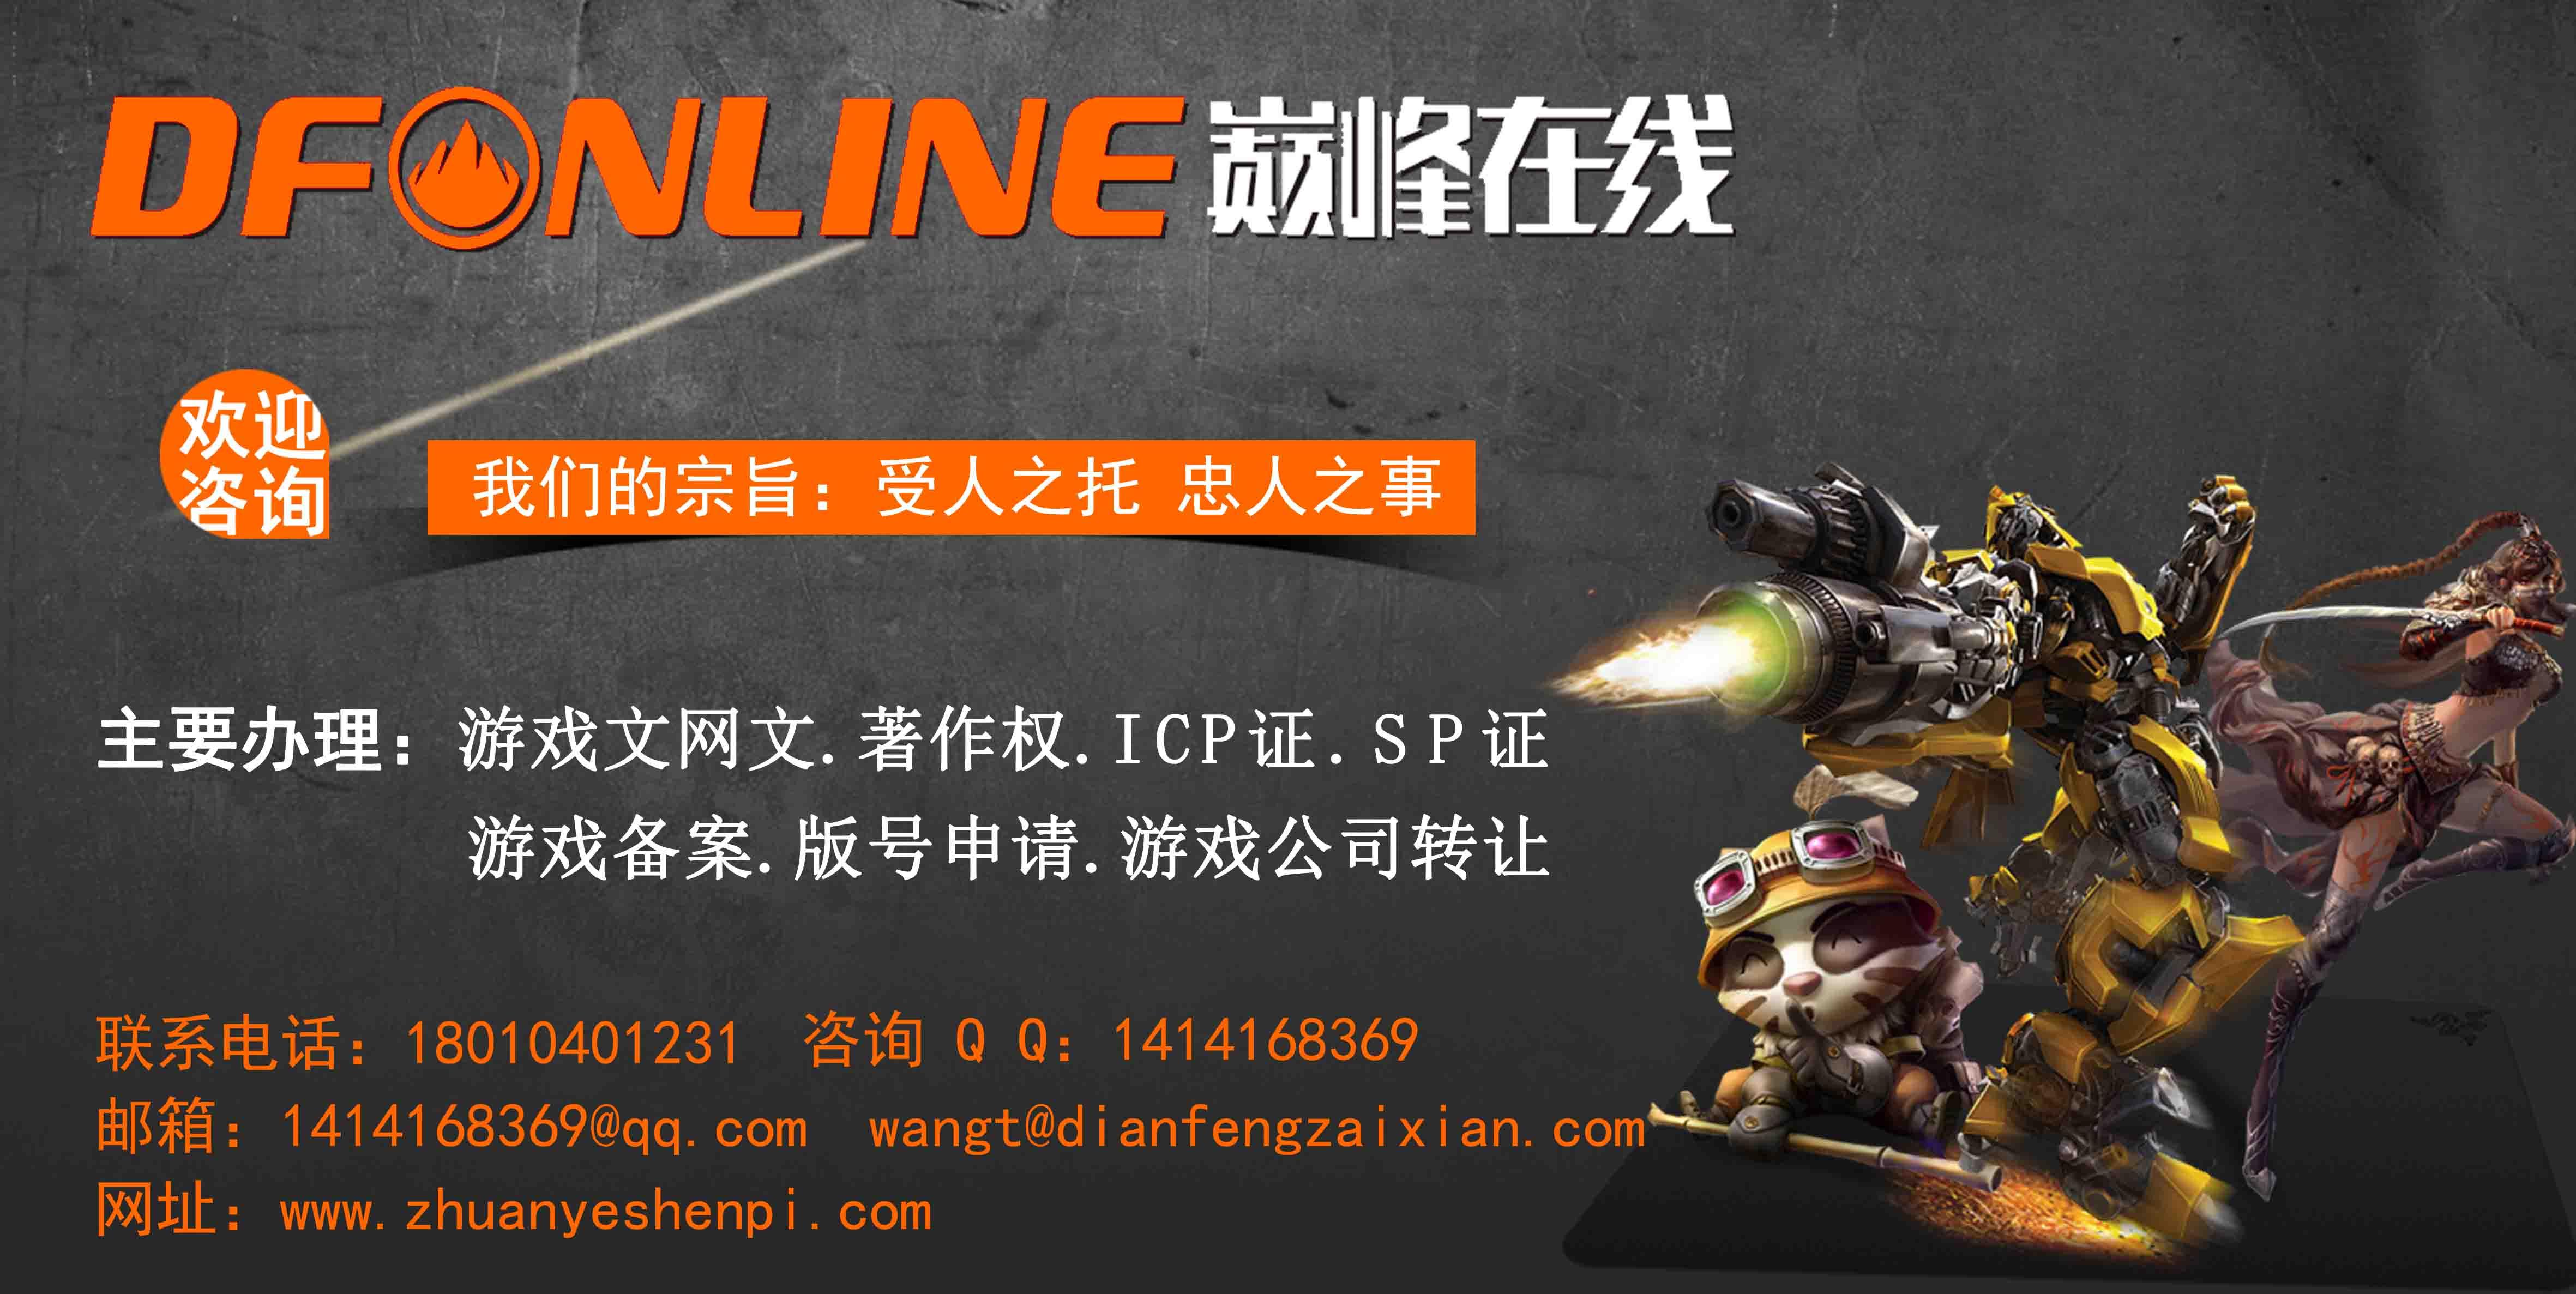 北京ICP办理怎么收费,需要什么材料,ICP壳公司转让